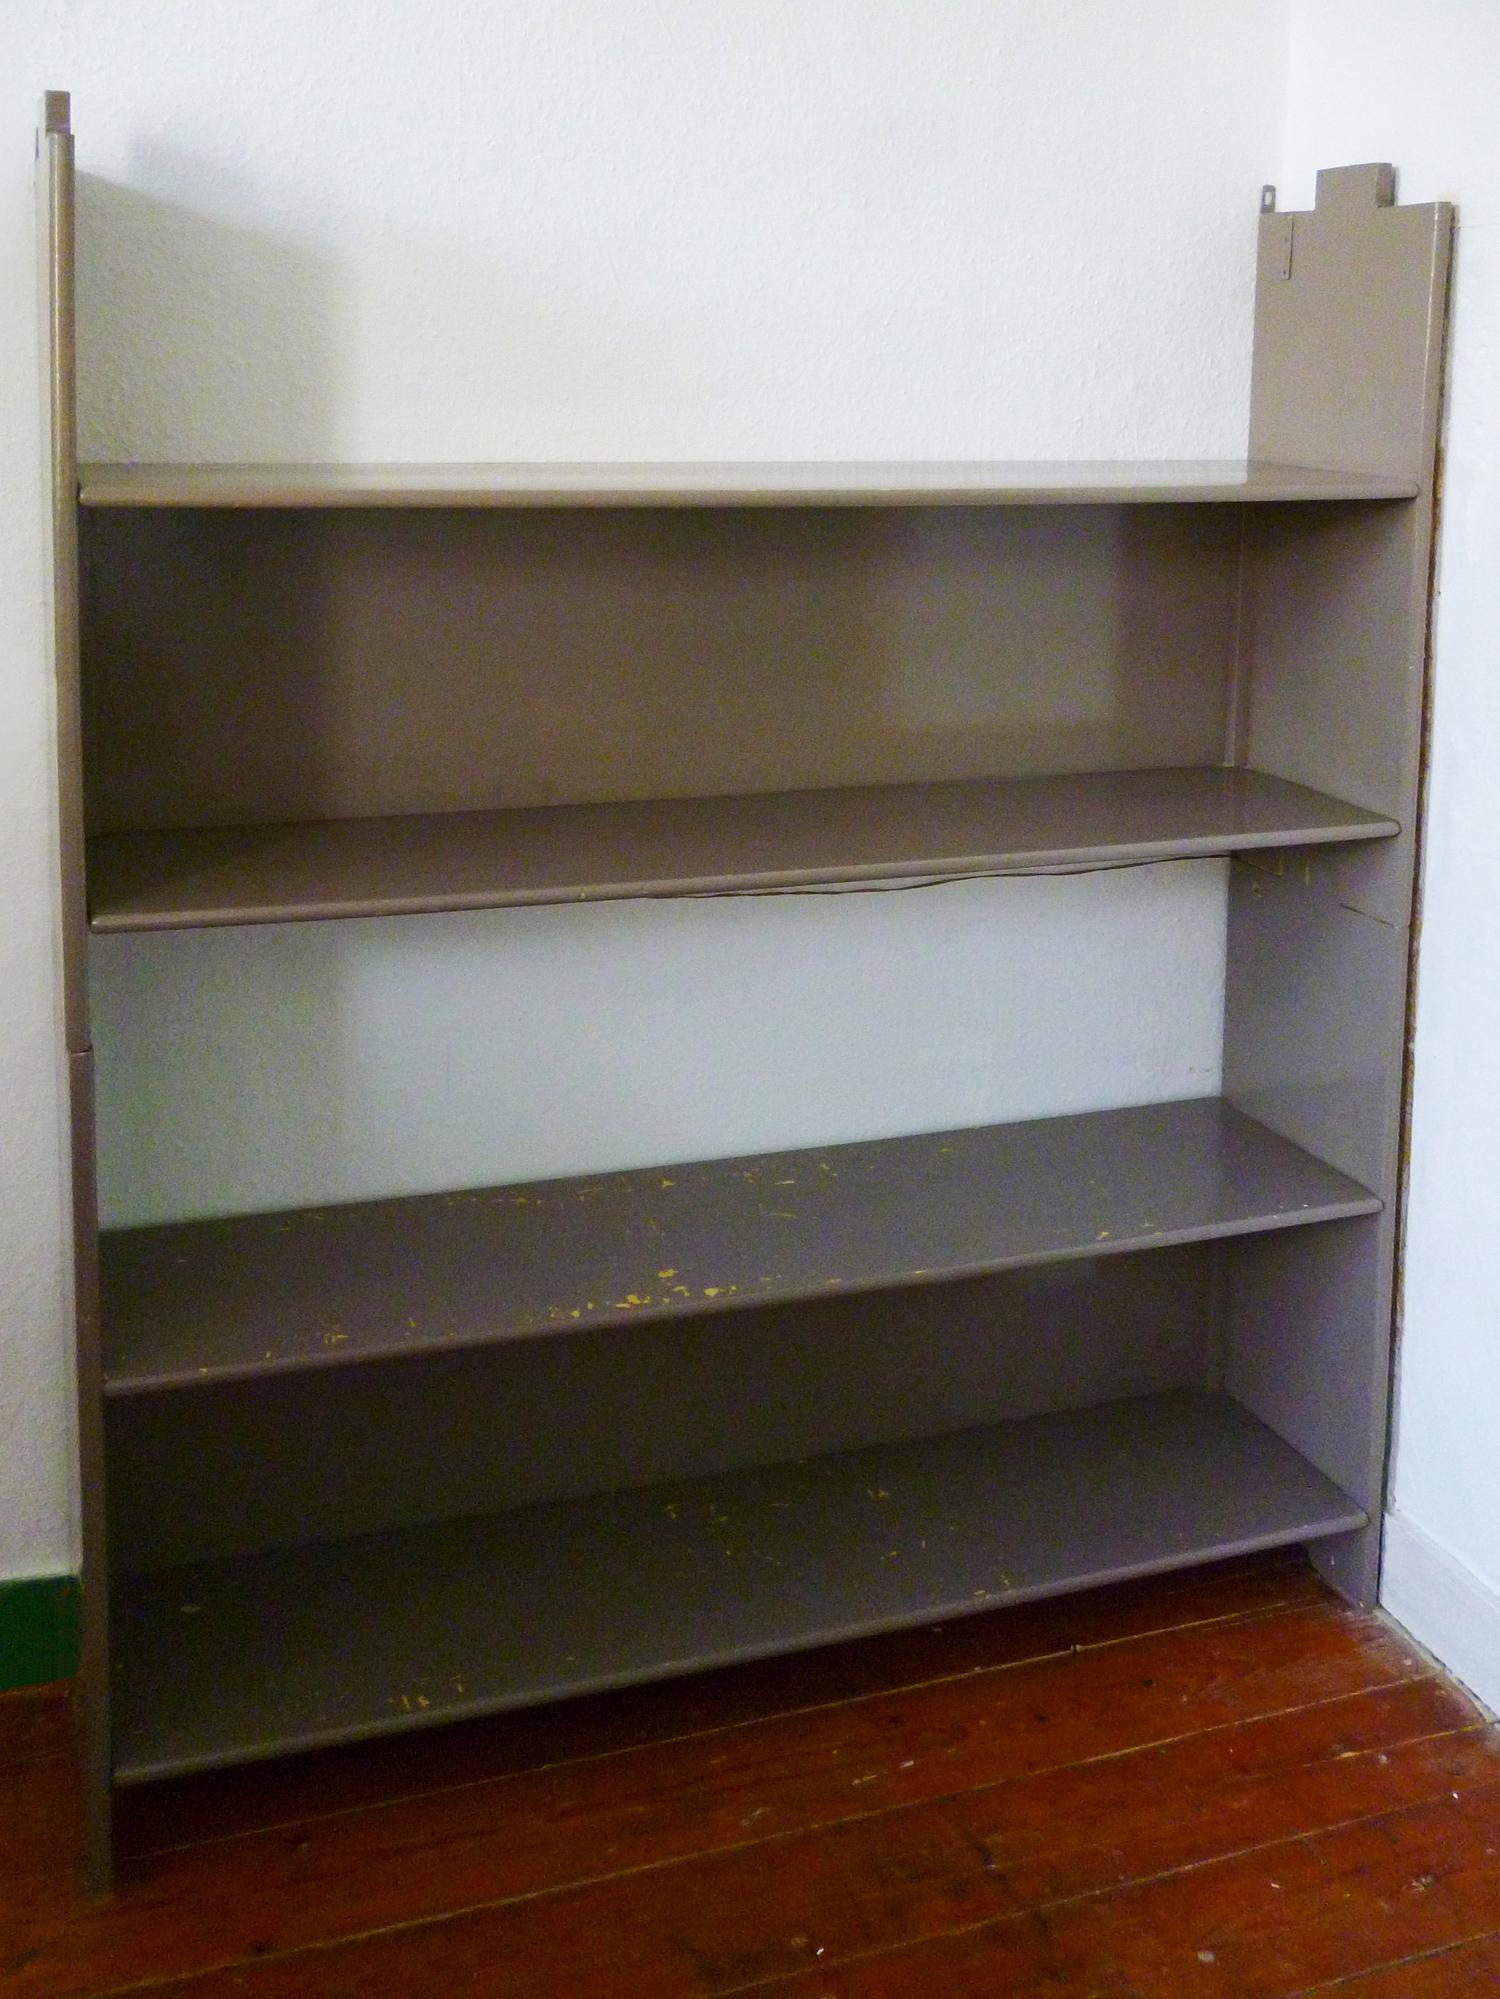 Werkplaats 152-boekenkast-systeem-deel-2 - Werkplaats 15